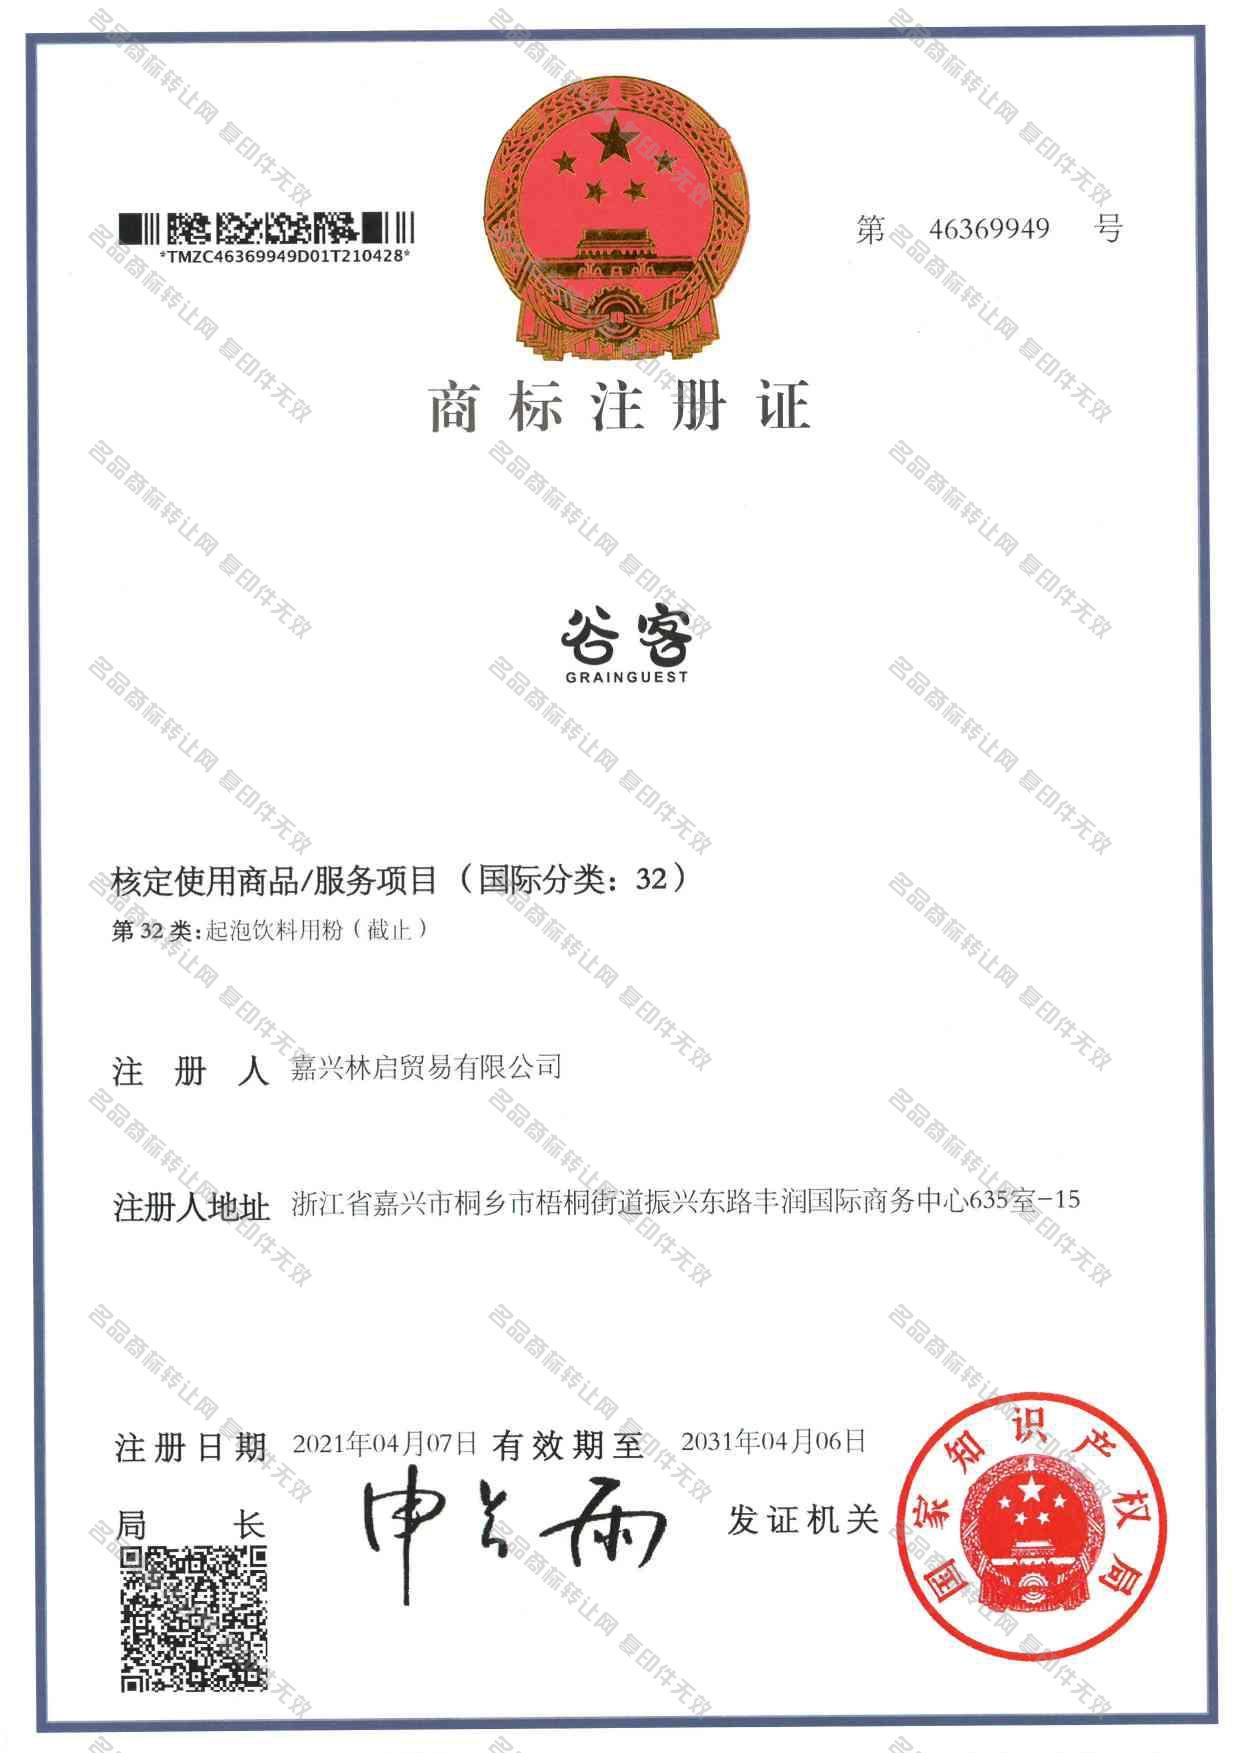 谷客 GRAINGUEST注册证